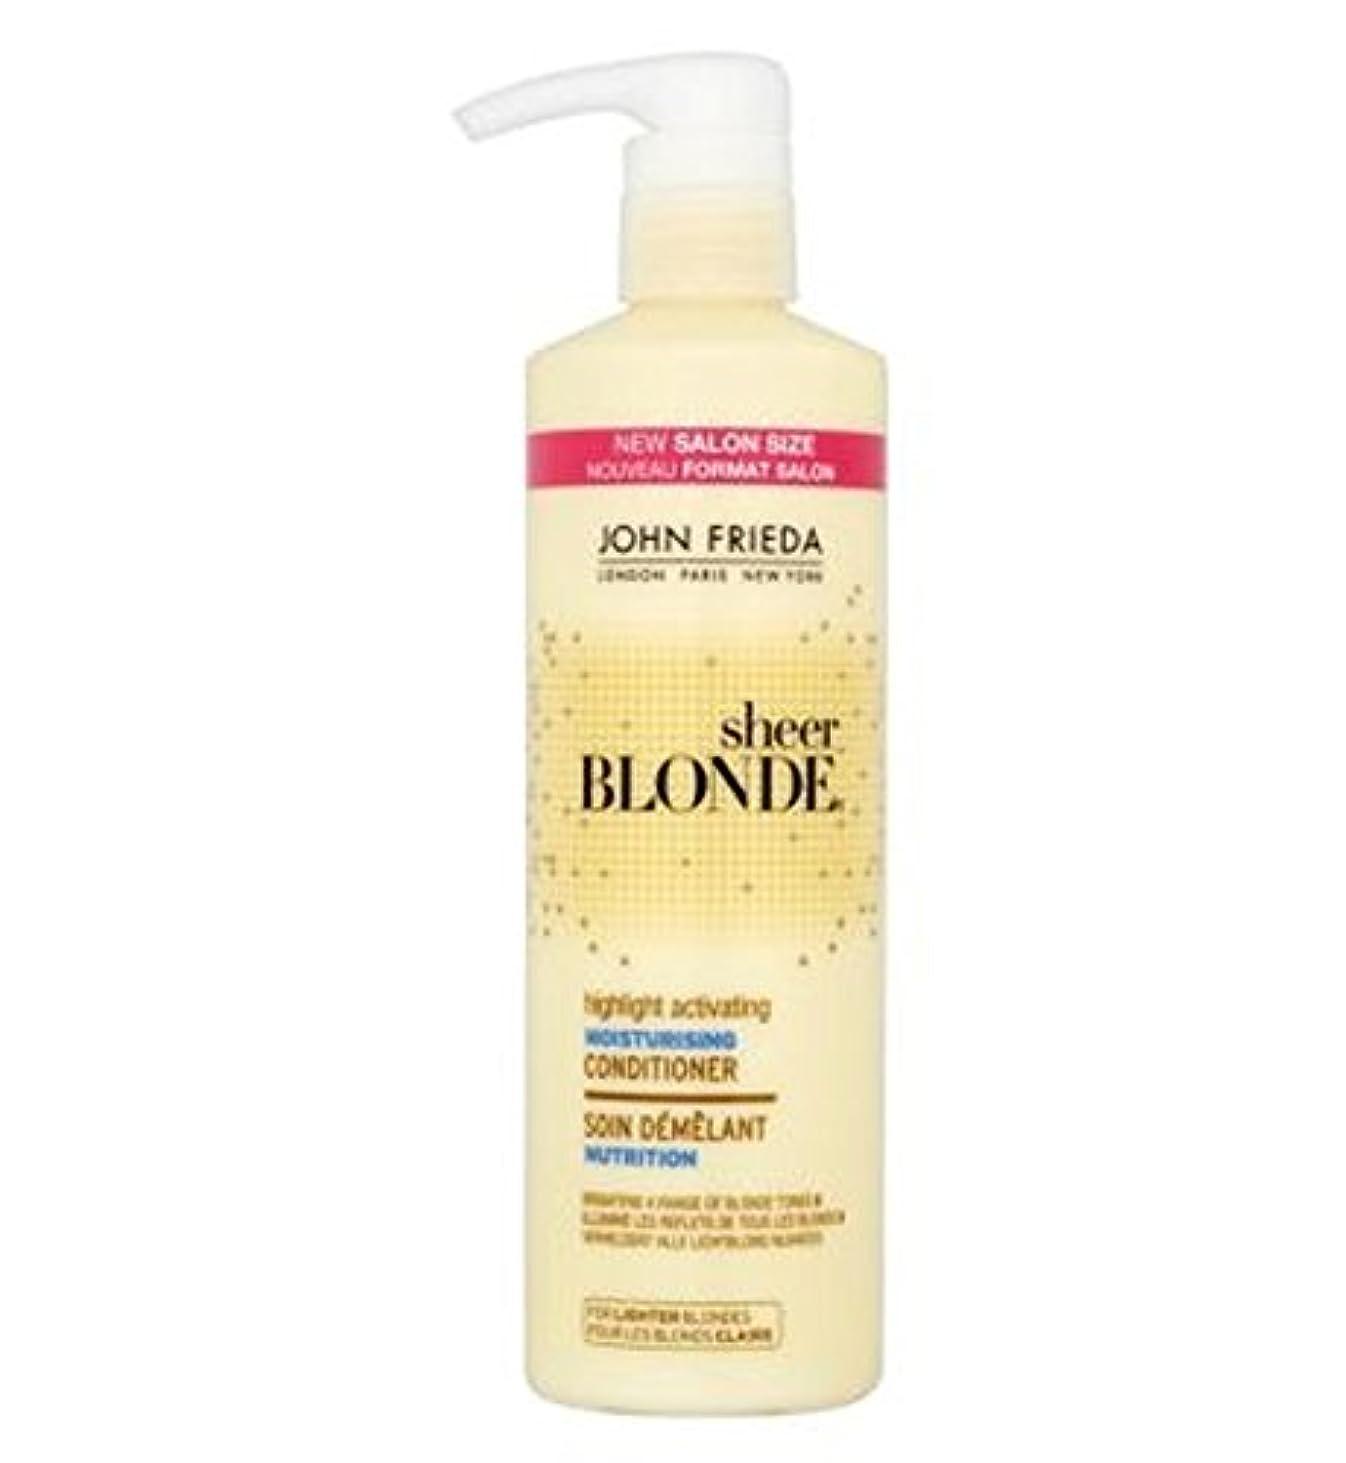 ニコチンなんとなく回転するジョン?フリーダ薄手のブロンドのハイライト活性化保湿コンディショナー500ミリリットル (John Frieda) (x2) - John Frieda Sheer Blonde Highlight Activating...